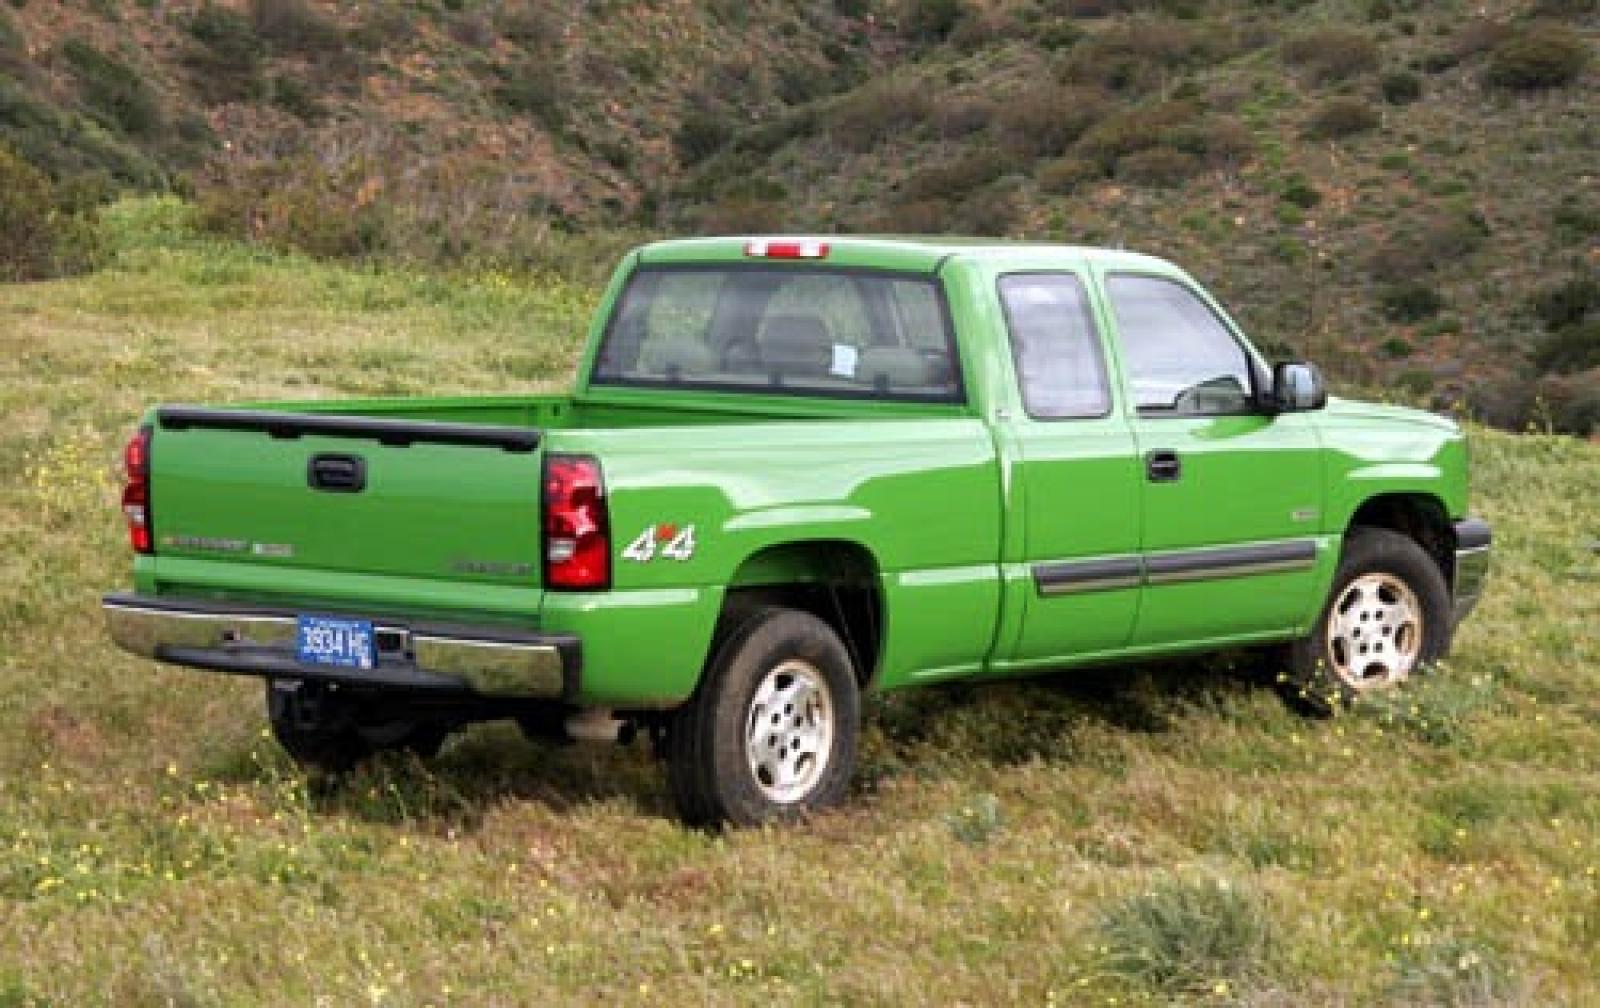 2005 Silverado 1500 >> 2005 Chevrolet Silverado 1500 - Information and photos - ZombieDrive